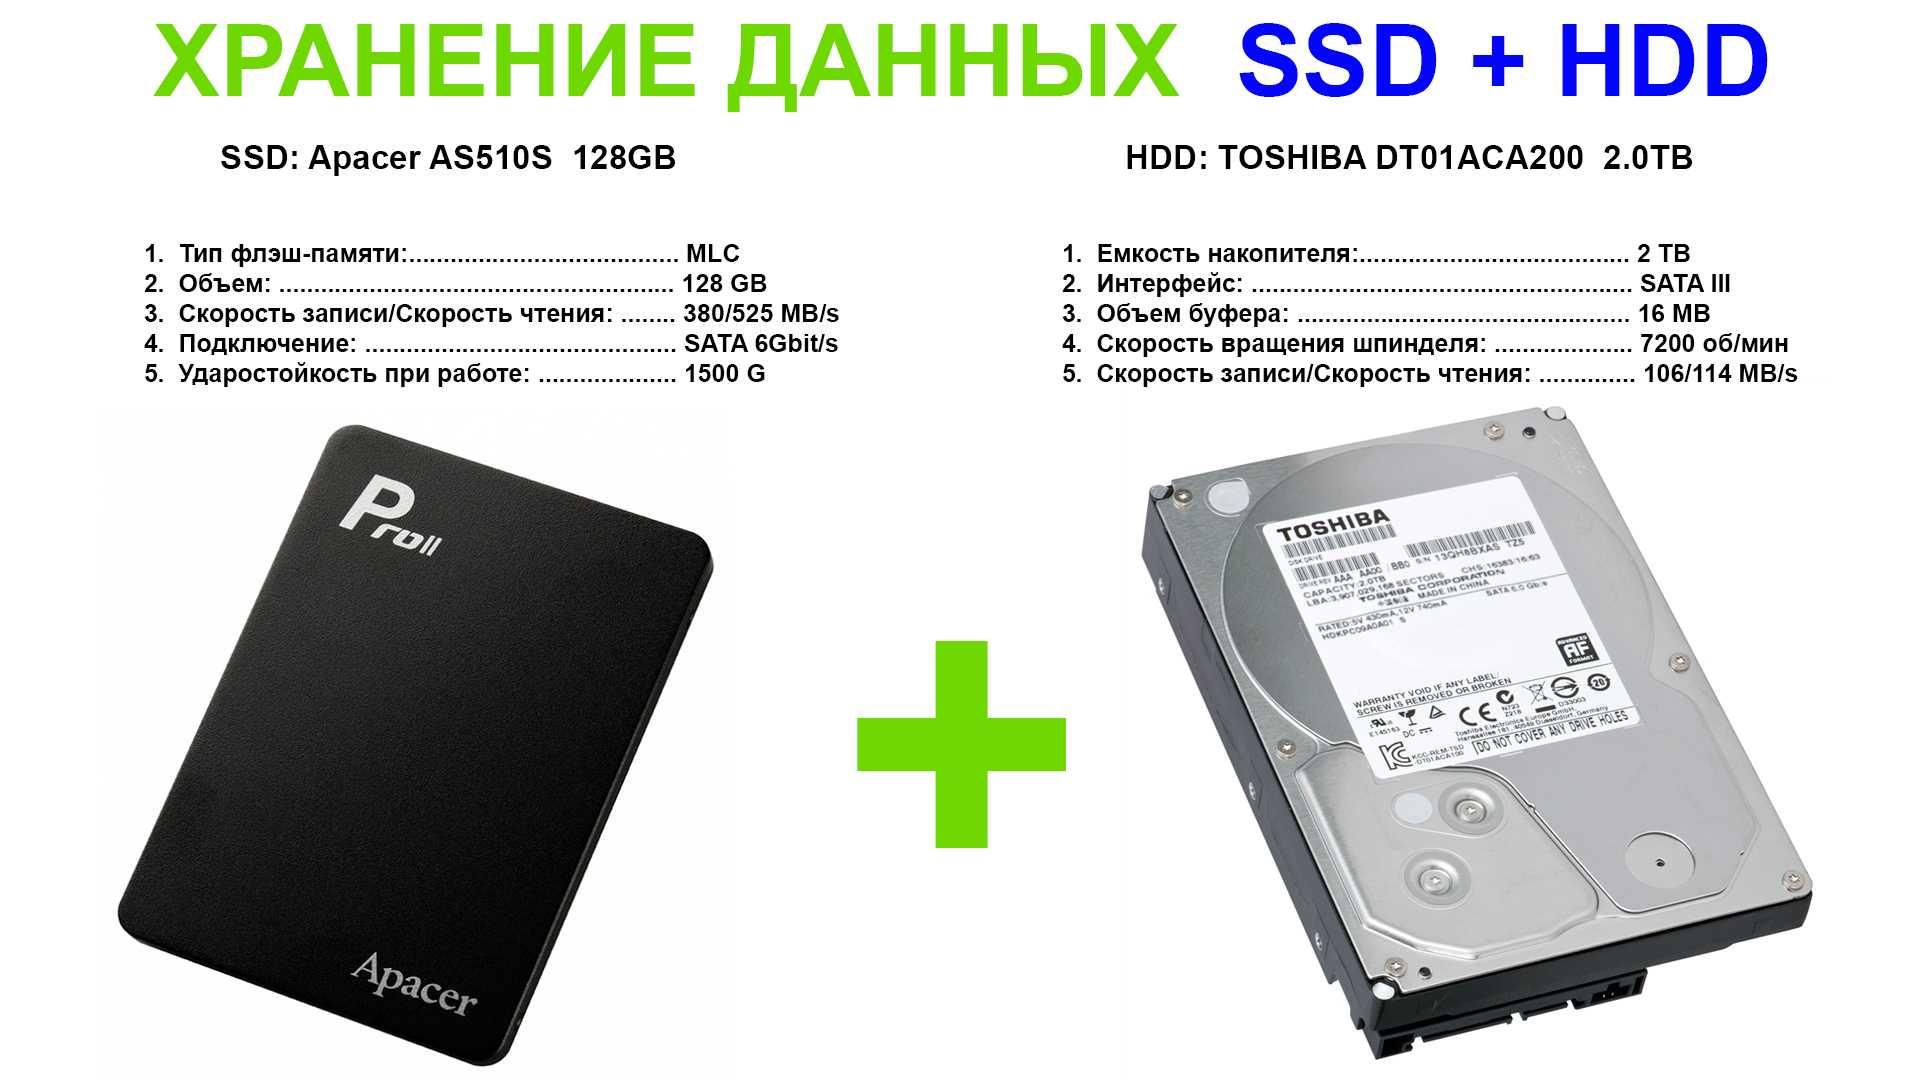 Замена медленного hdd на быстрый ssd в playstation 4 pro